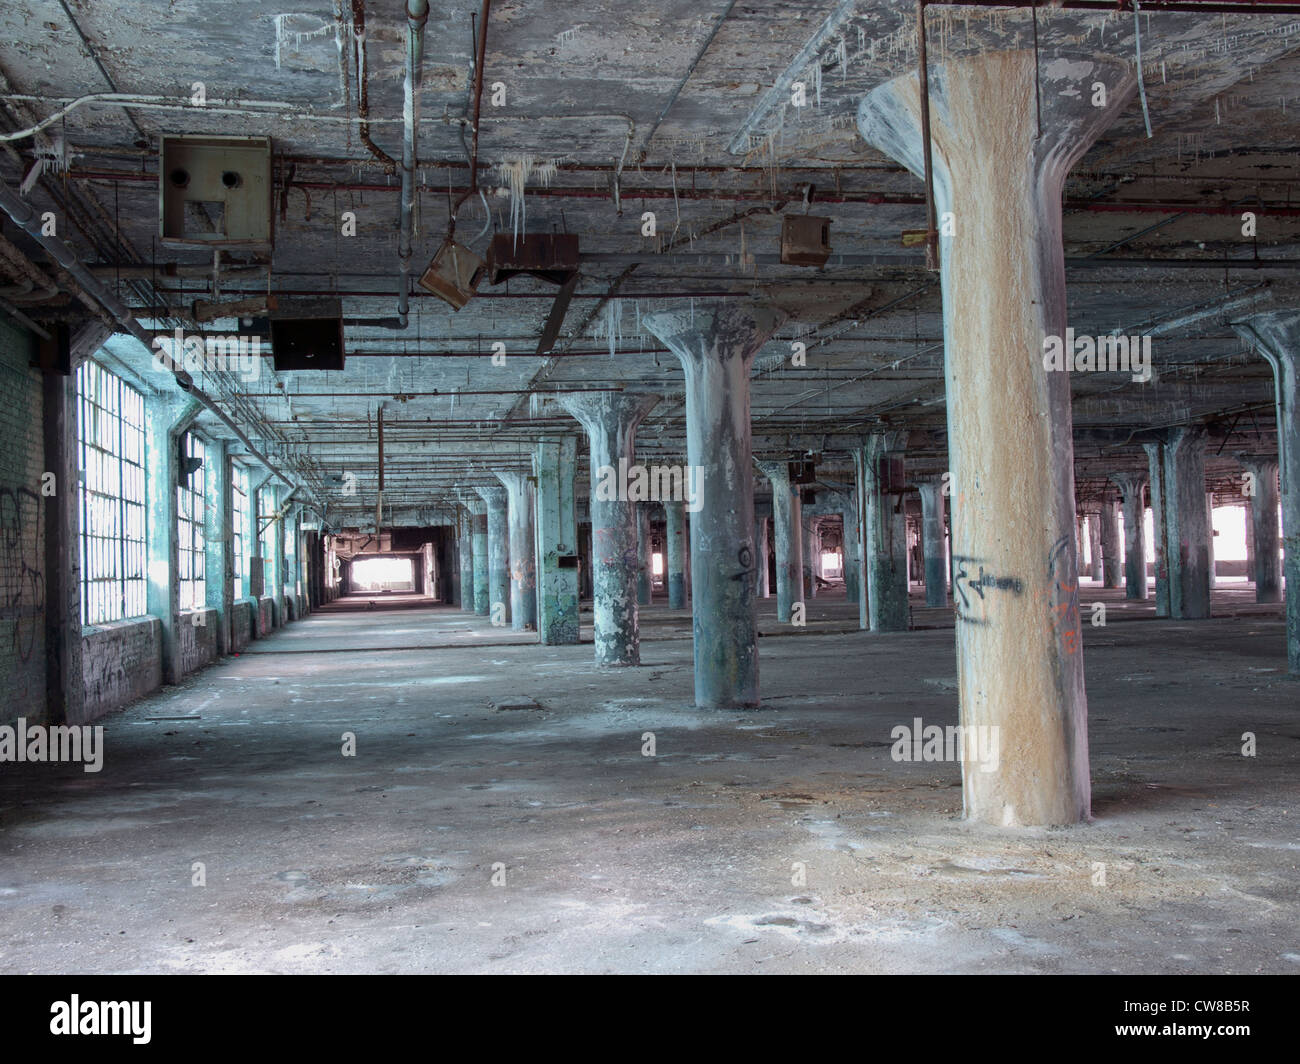 Fenster innenraum  Innenraum einer verlassenen Fabrik in Detroit Michigan. Die ...